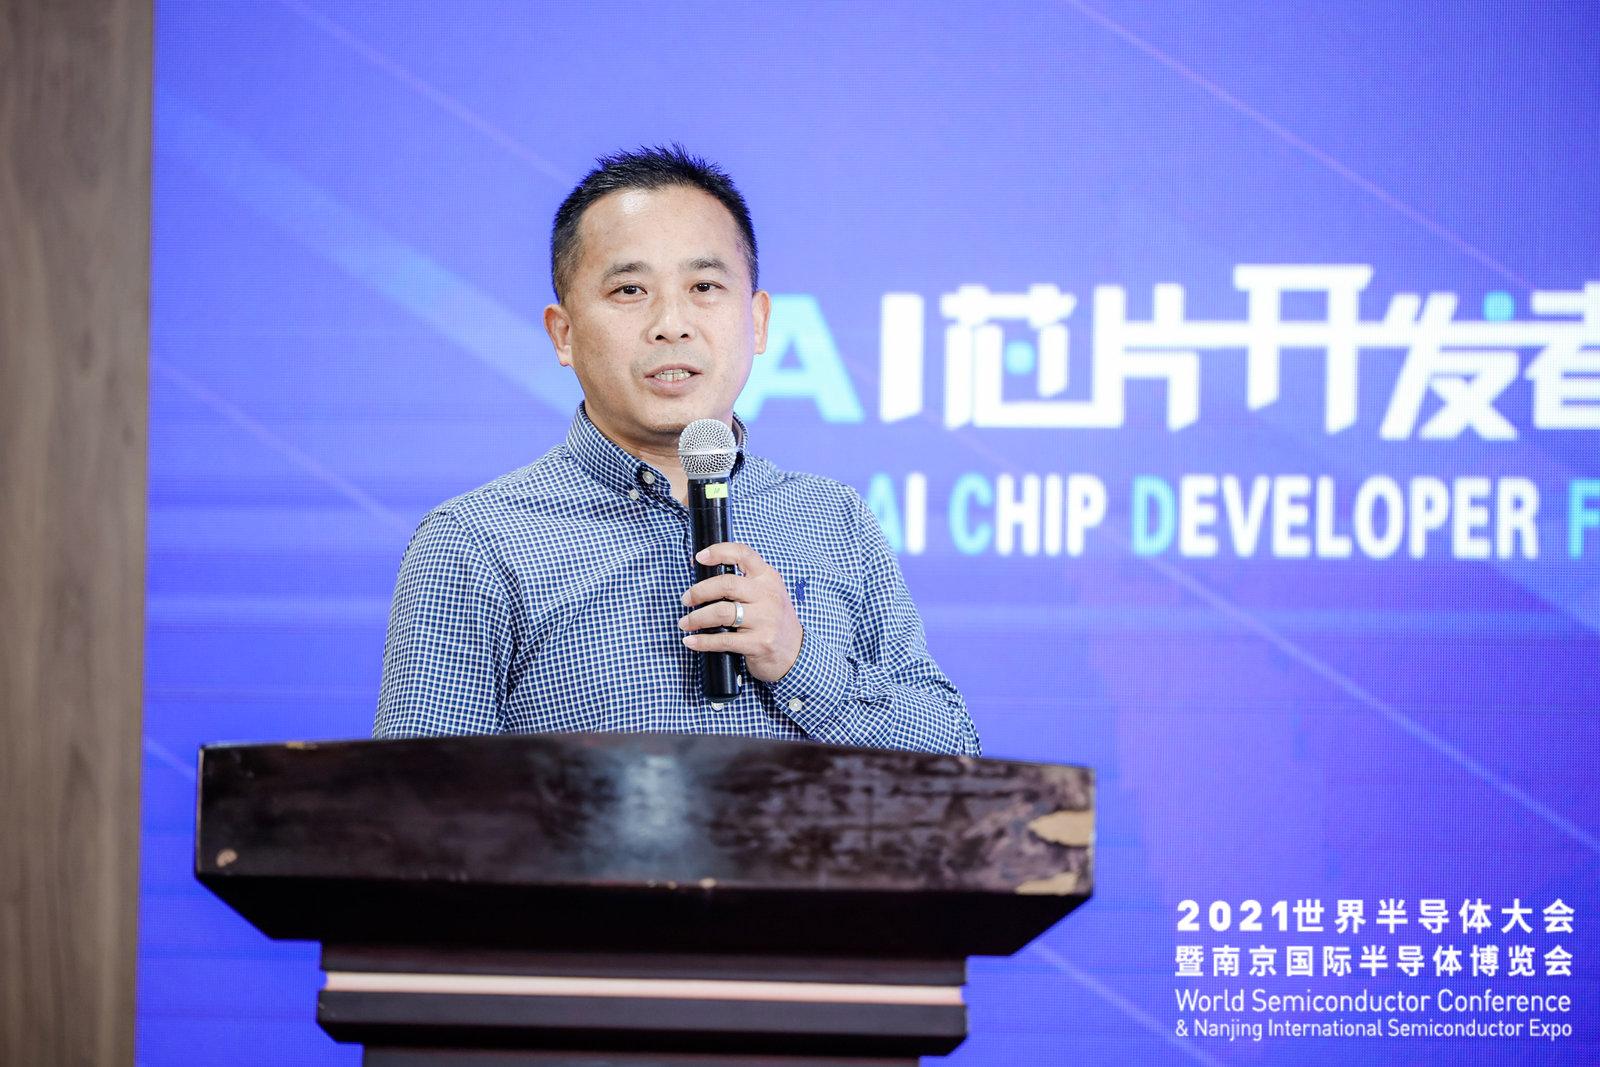 """""""从芯出发"""":AI芯片开发者论坛落地世界半导体大会,论道AI芯片的核心技术与应用"""